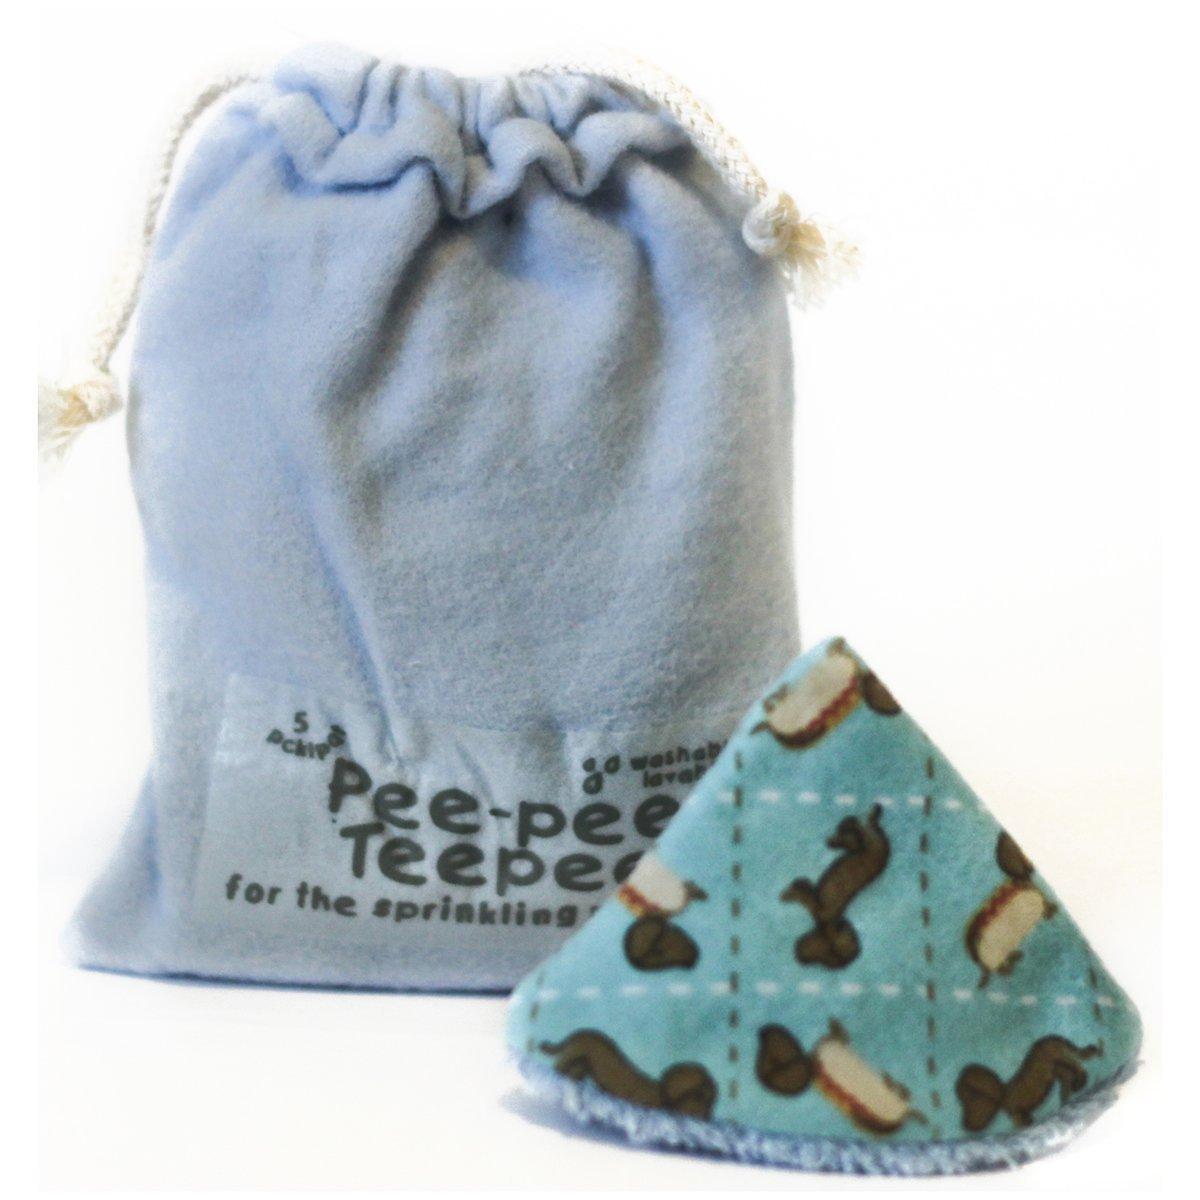 Pee-pee Teepee Weiner Dog Blue - Laundry Bag